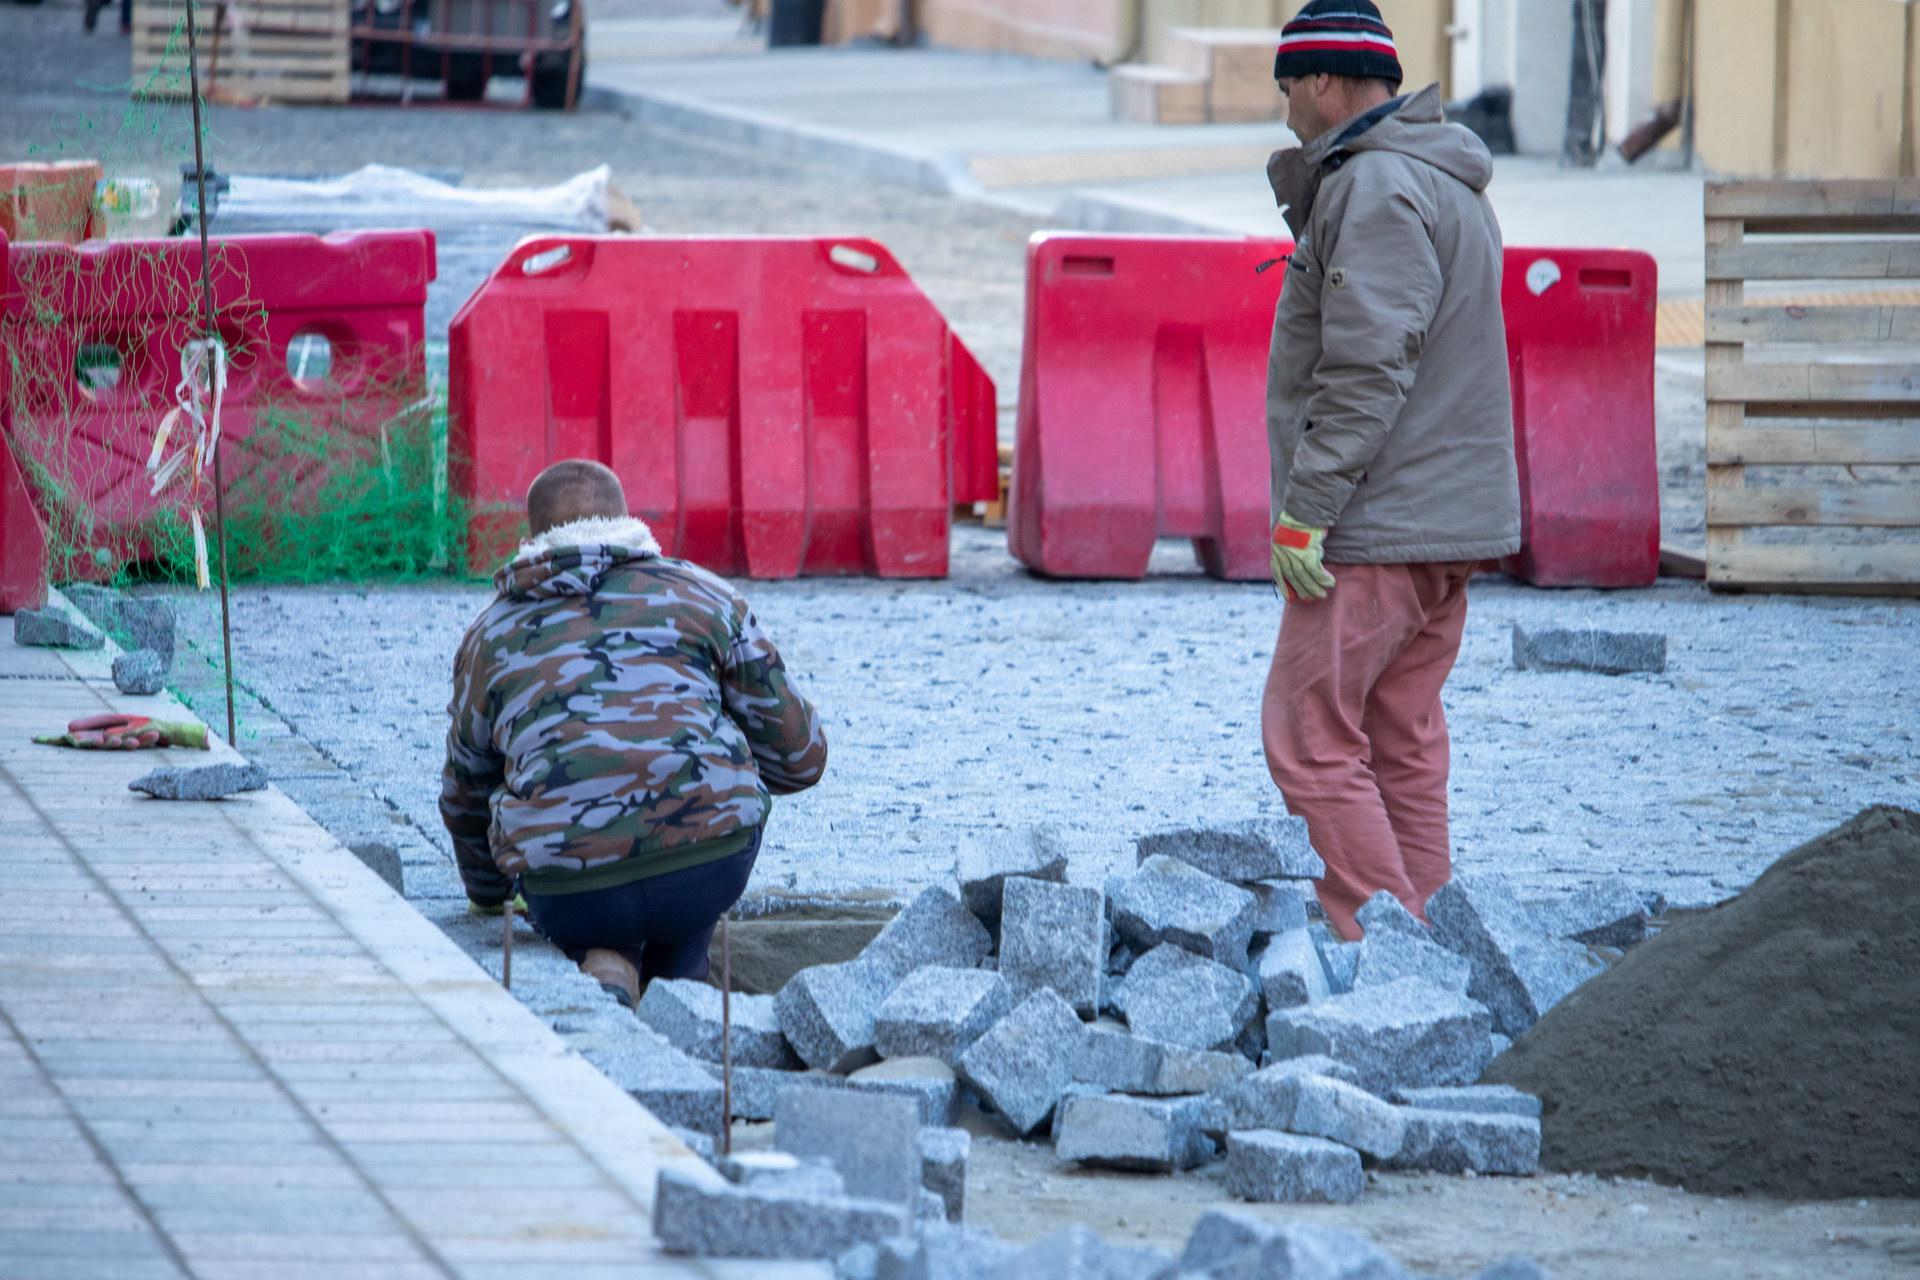 Ремонтные работы в центре города по обновлению плитки на тротуаре Воронцовский переулок Одесса – bur4ik.ru – 21.01.2020 - фото 4